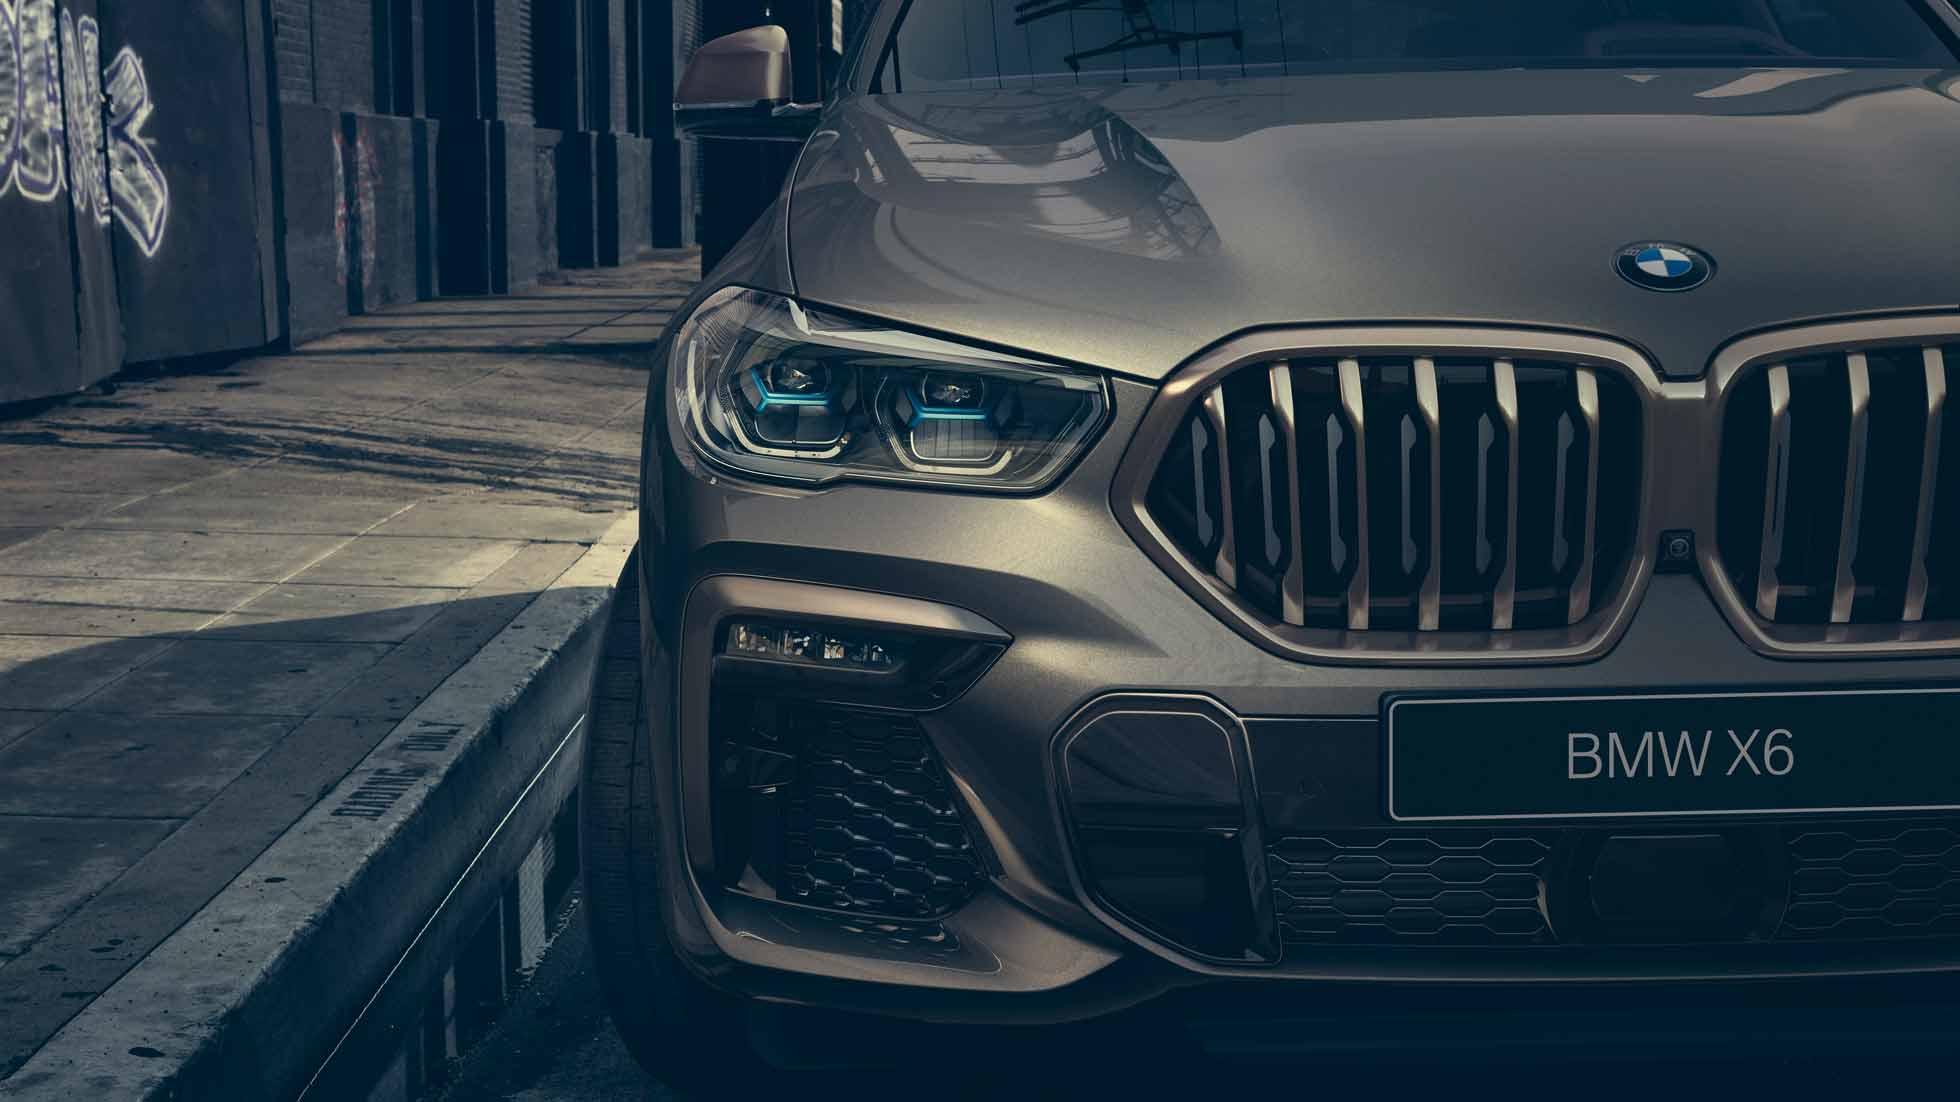 Крупный план BMW X6 с фокусировкой на лазерные фары BMW Laserlight